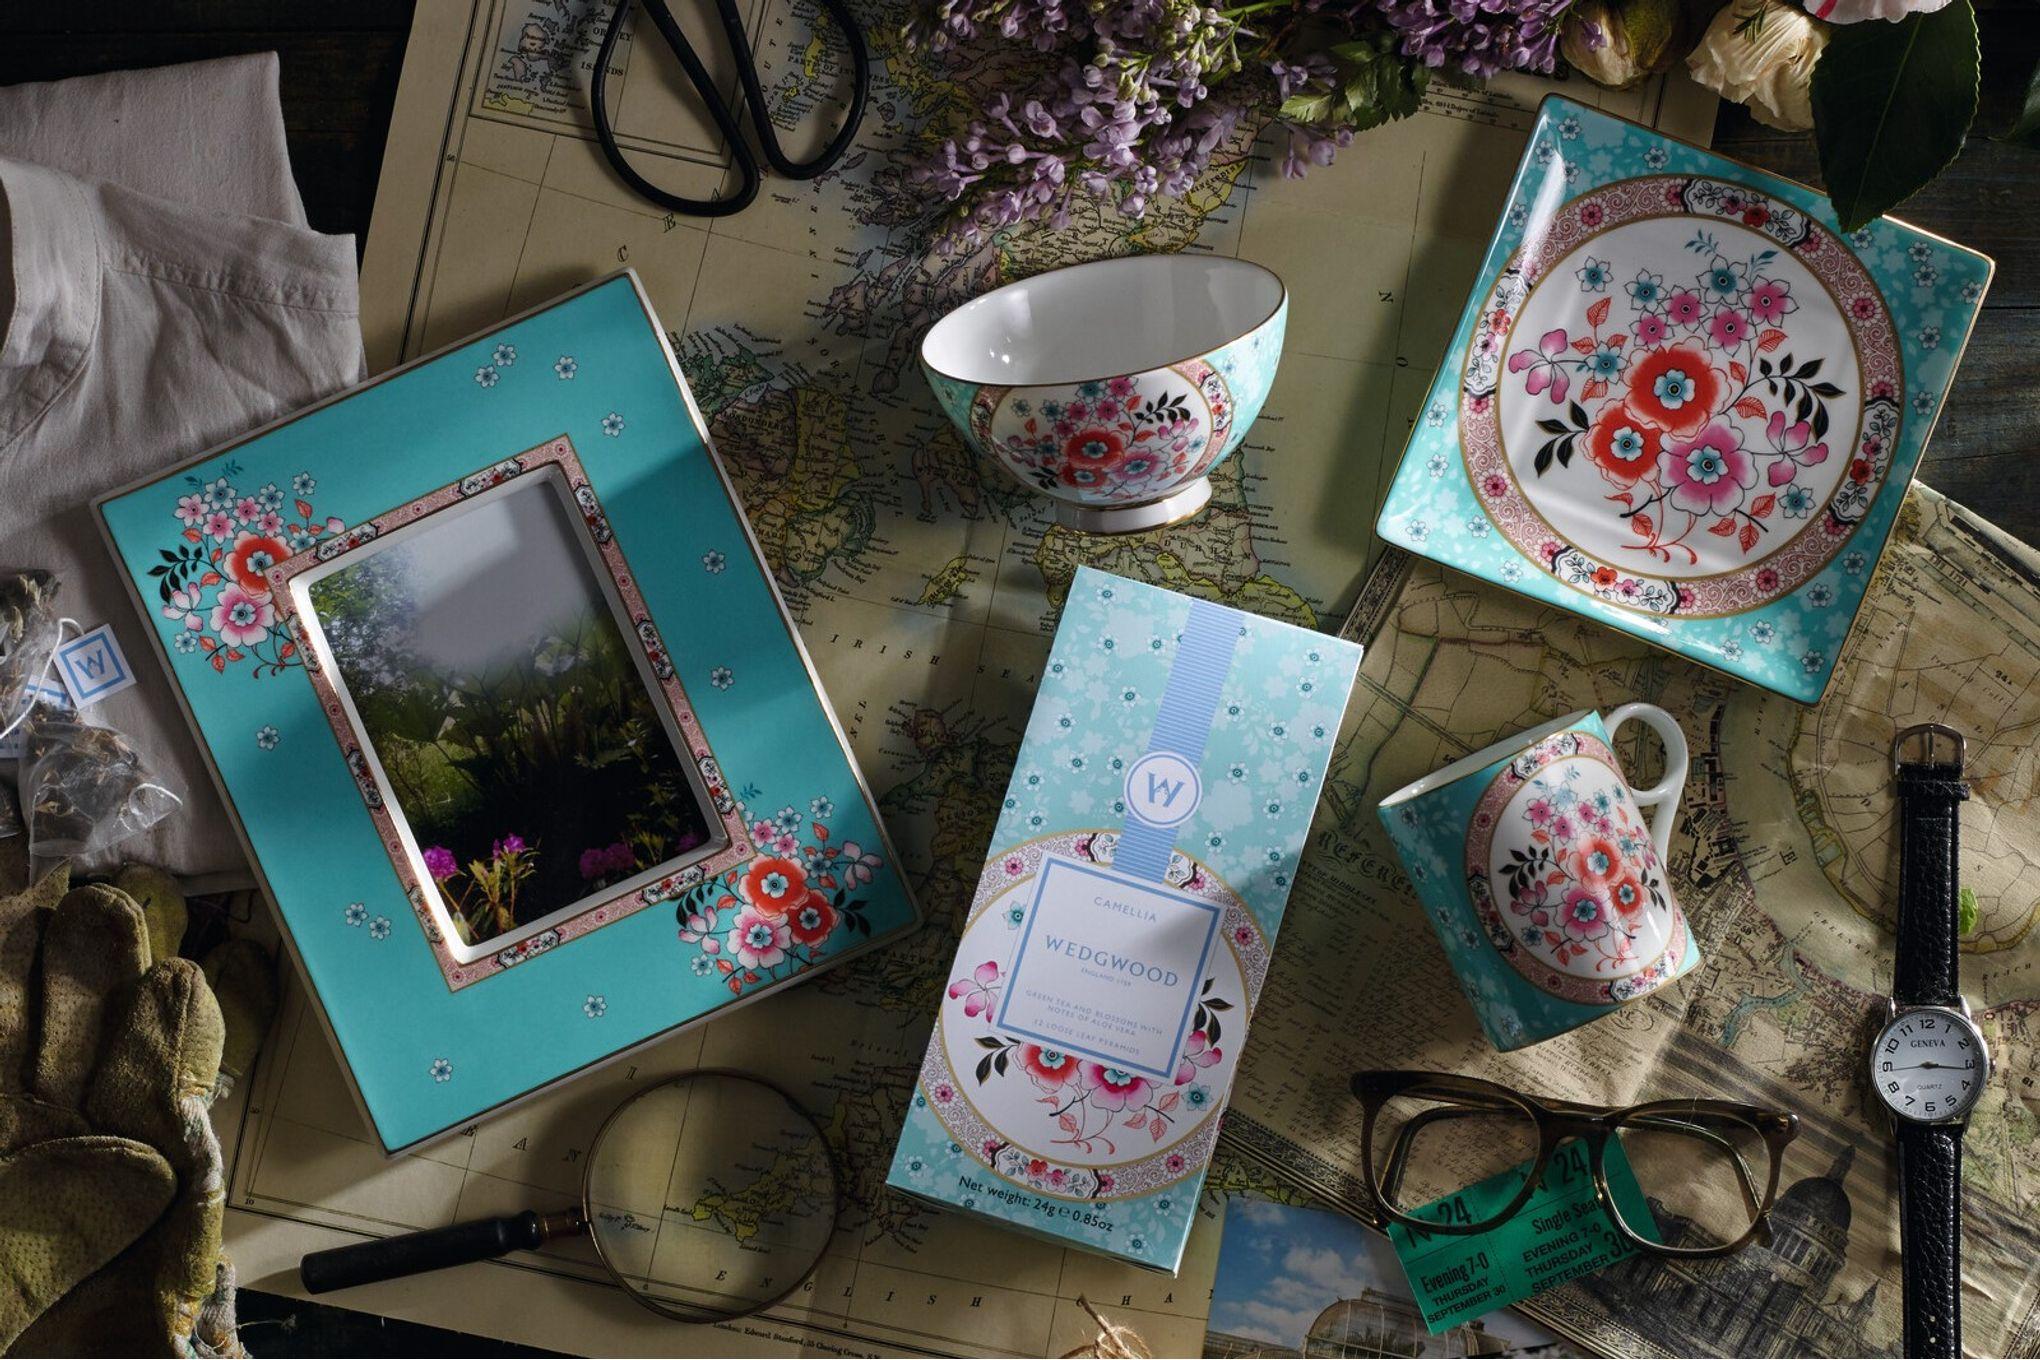 Wedgwood Wonderlust Keyring Camellia - Boxed thumb 3